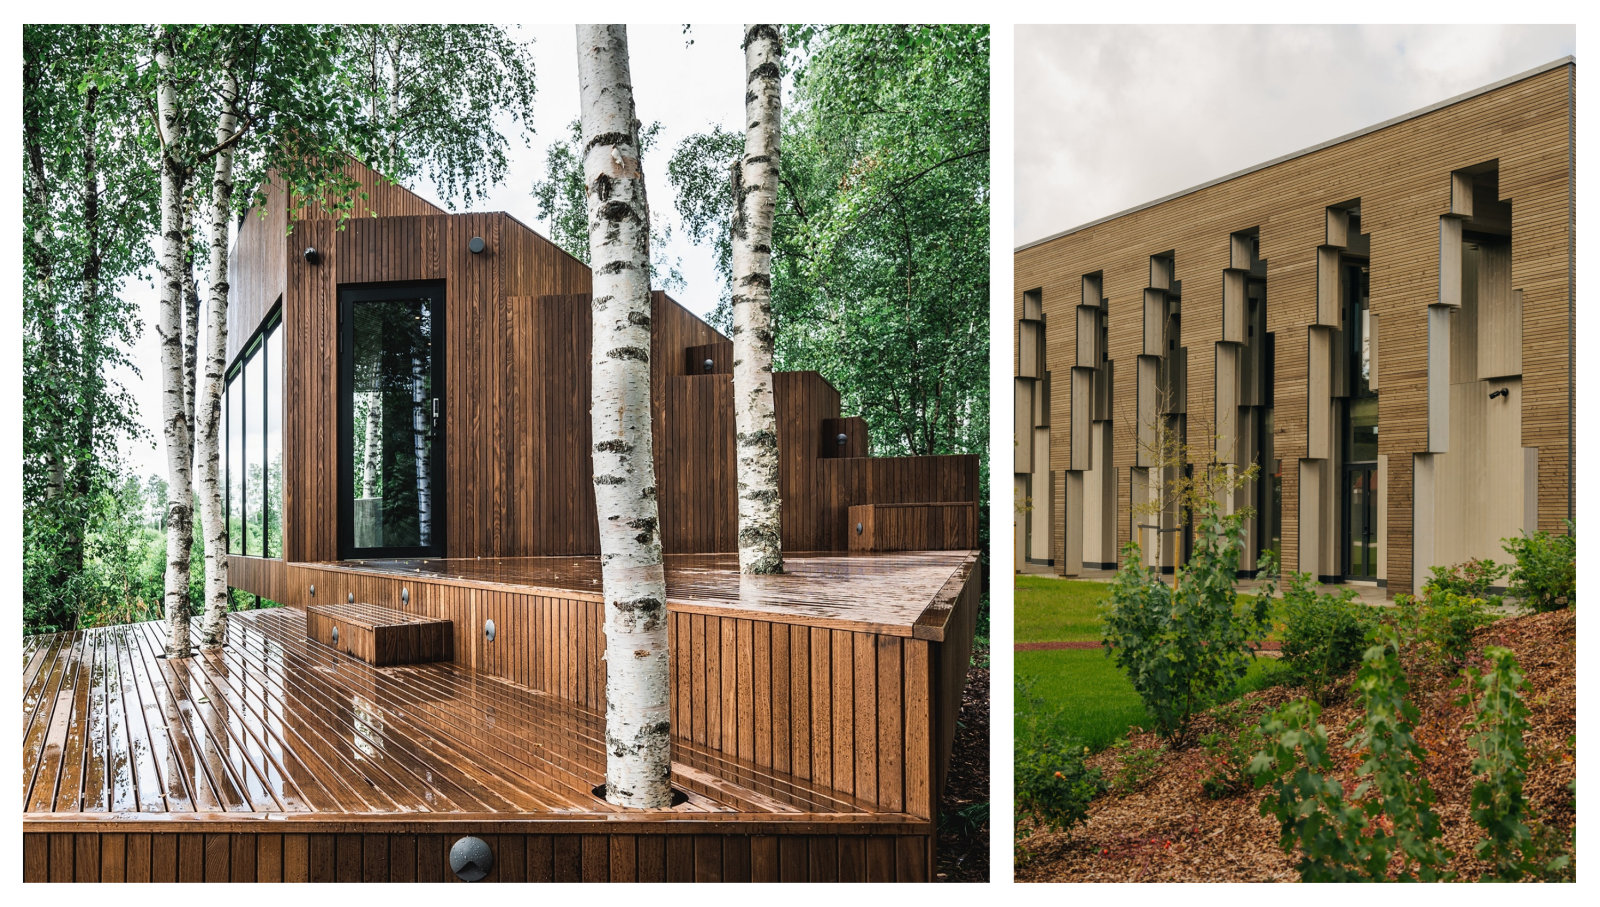 FOTOD | Aasta puitehitis 2020 võitjad on selgunud!: